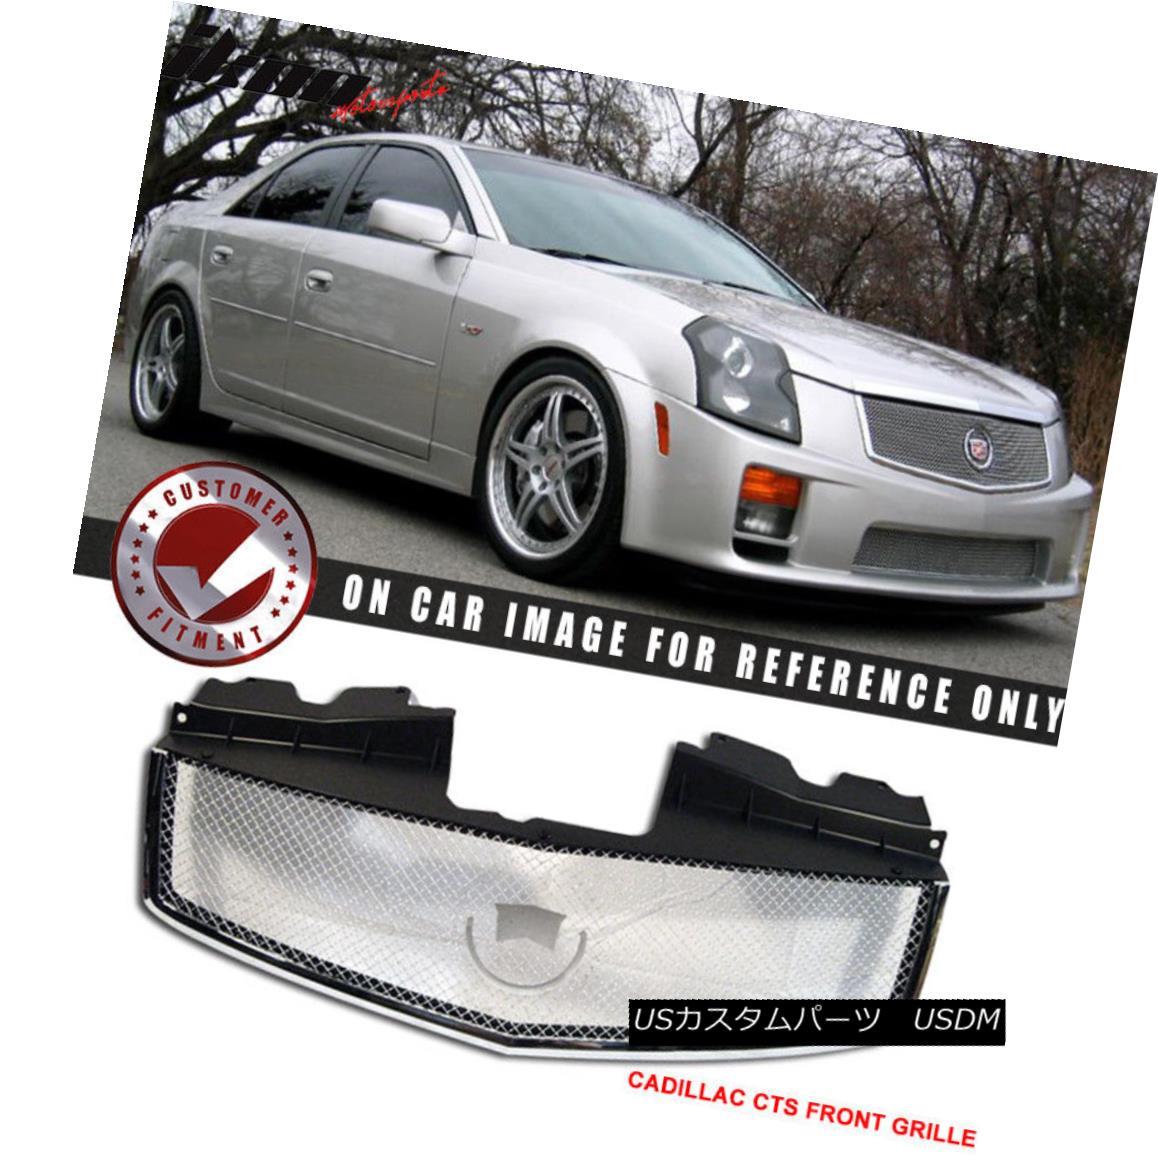 グリル Fits 03-07 Cadillac Cts Stainless Mesh Chrome Grill Hood Grille ABS フィット03-07キャデラックCTSステンレスメッシュクロームグリルフードグリルABS